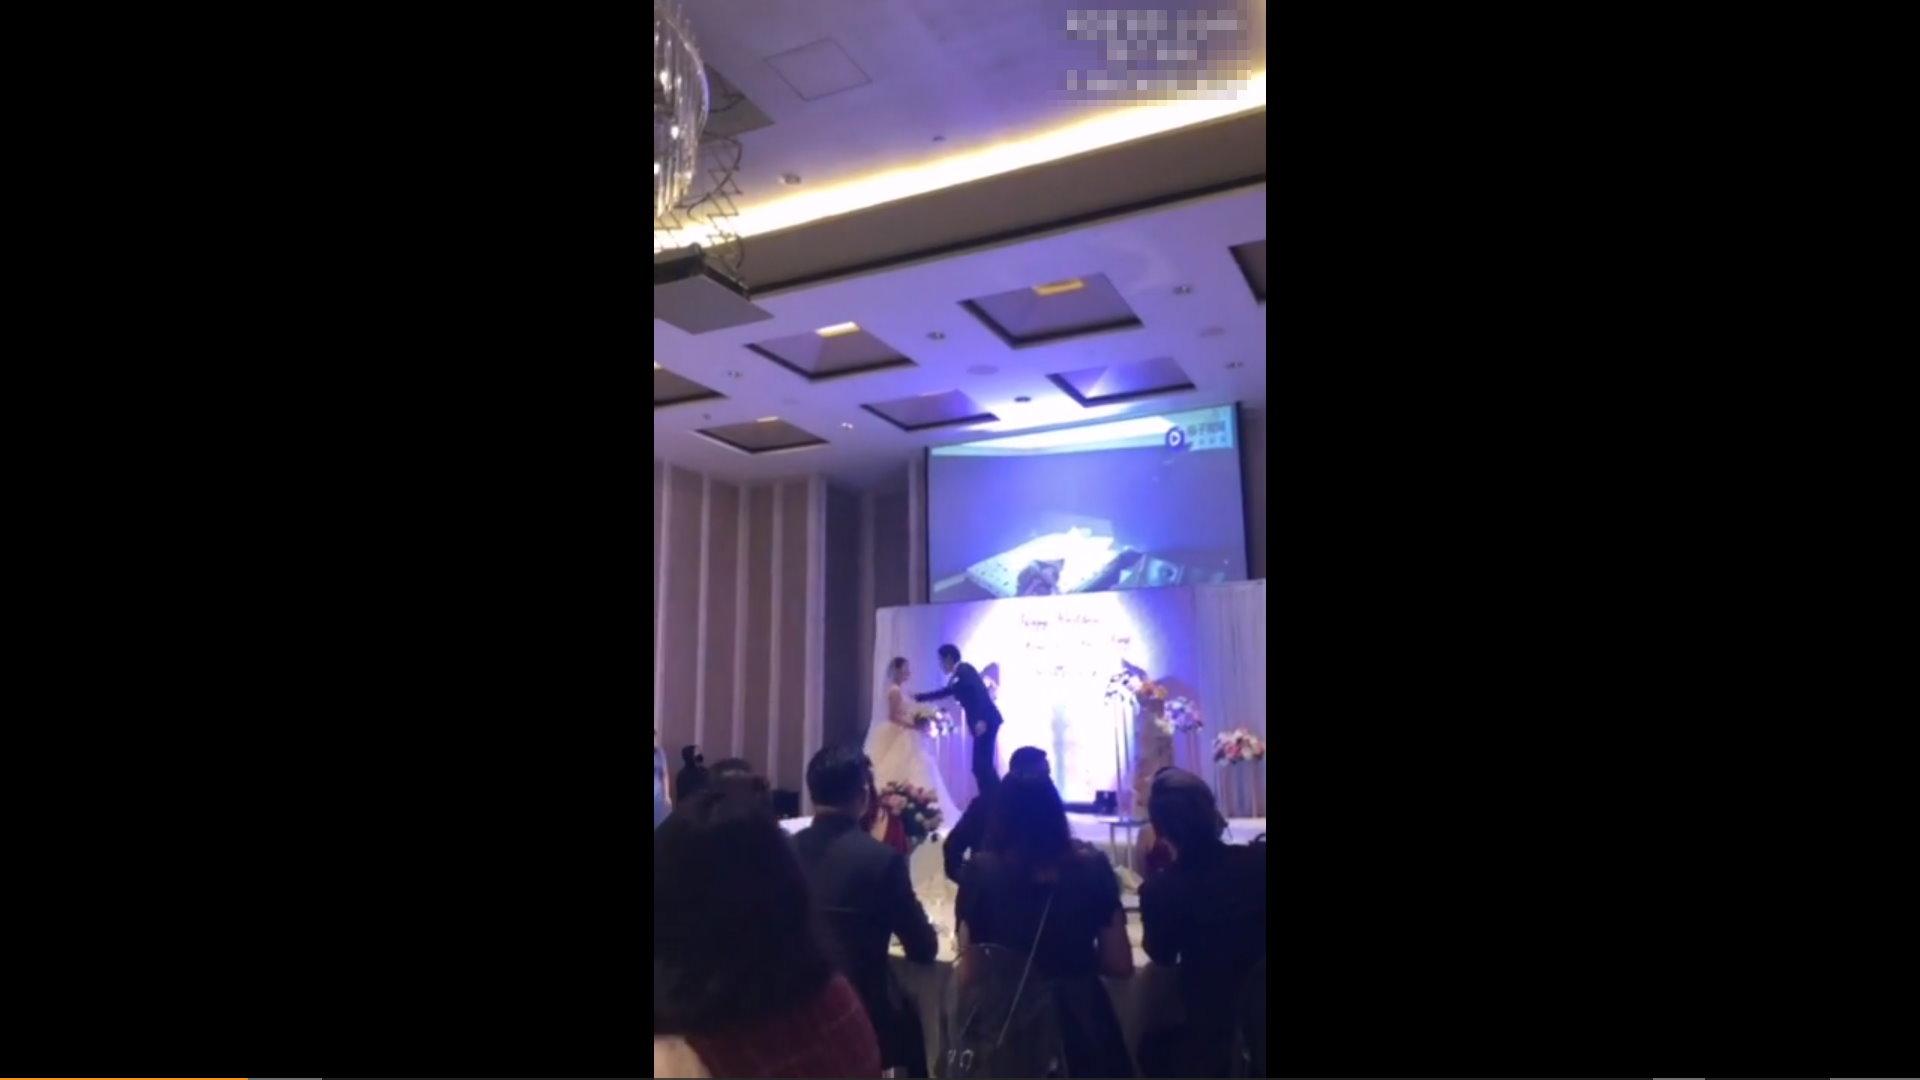 【影片】婚禮放送《新娘偷吃姊夫床戰片》綠帽新郎復仇:「我就讓你賤一輩子!」